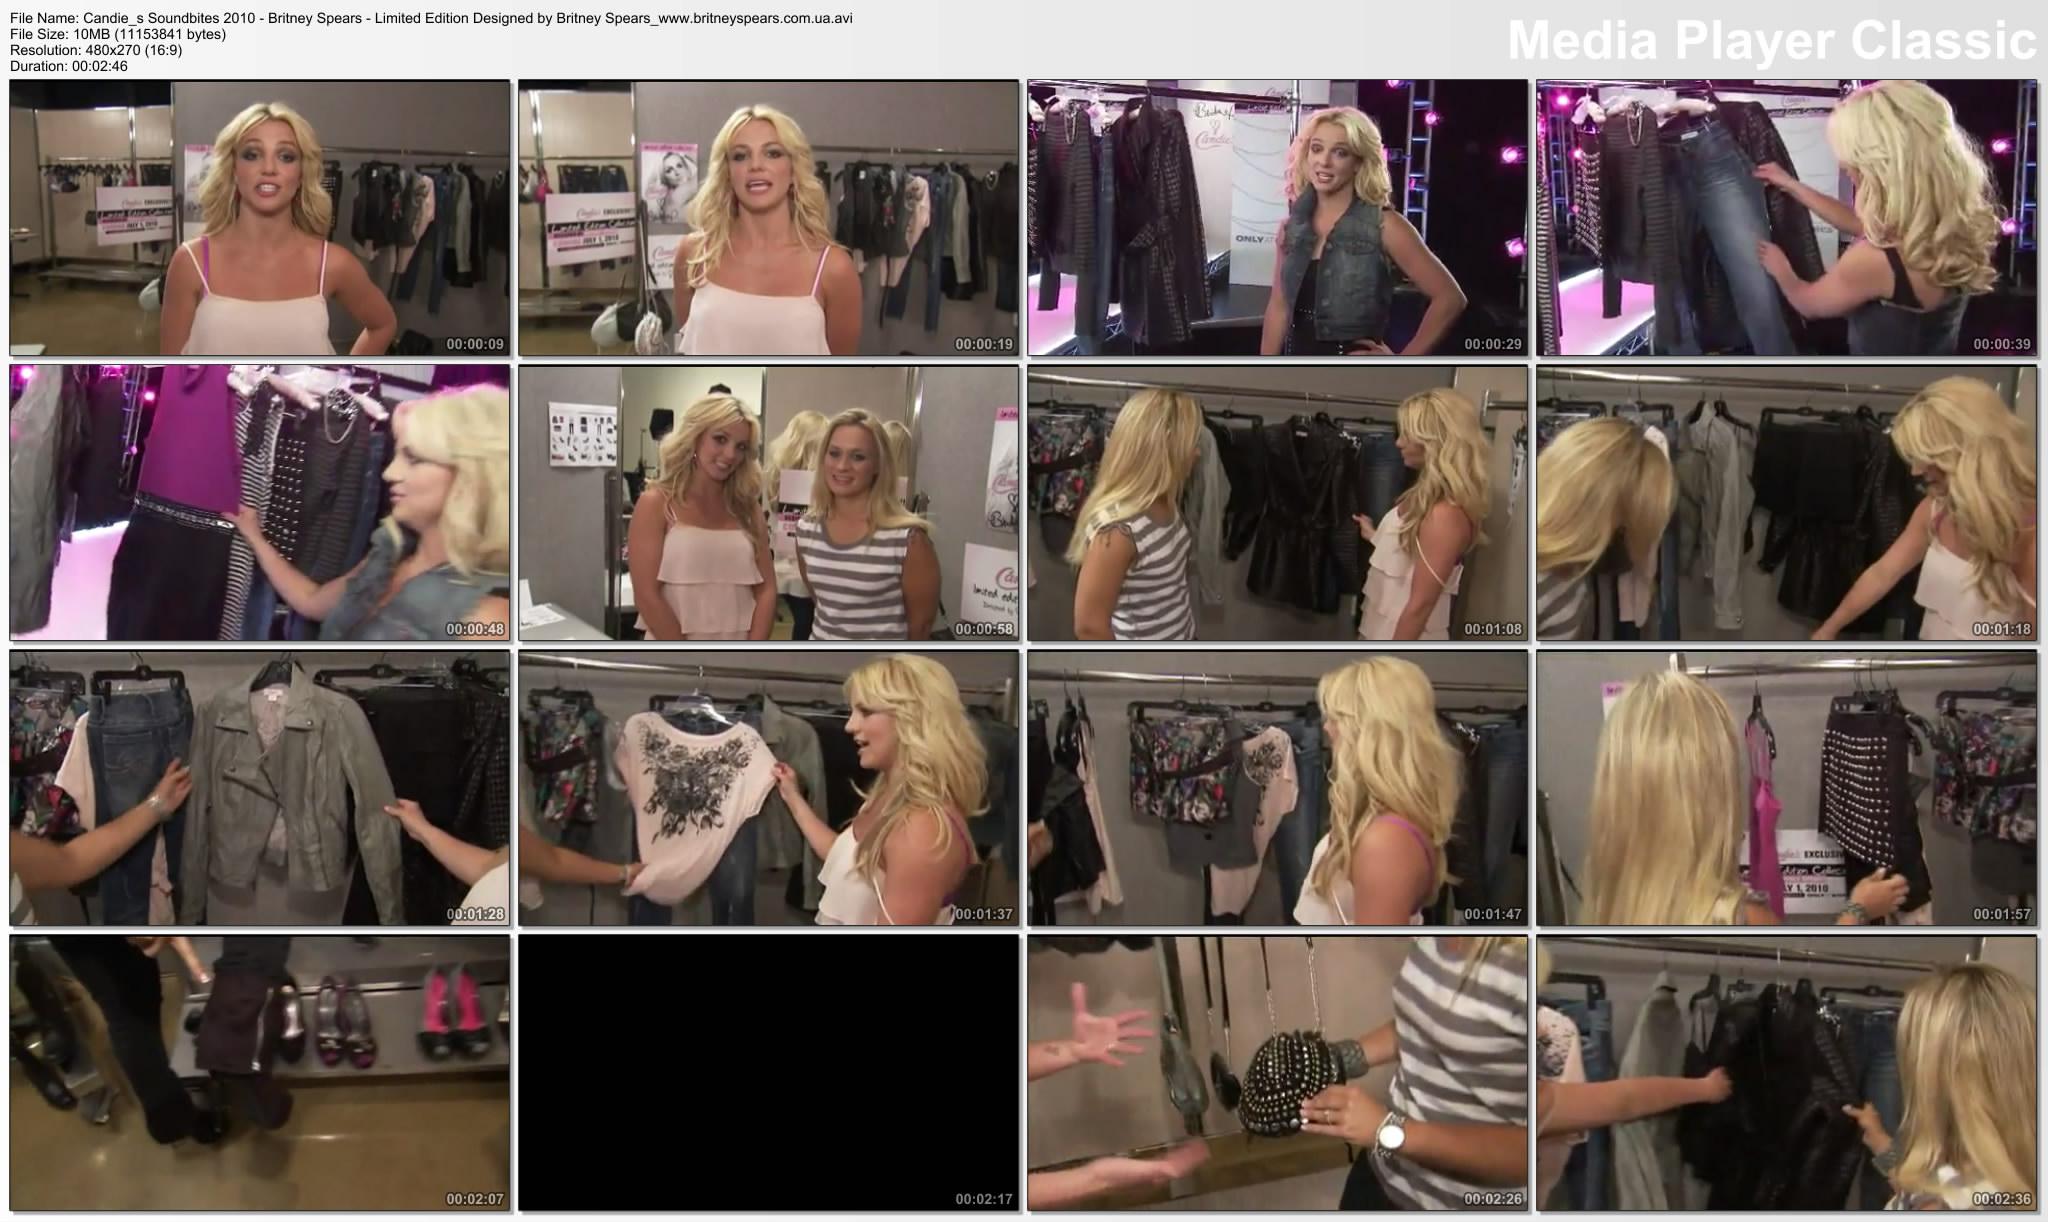 32346_Candie_sSoundbites2010_BritneySpears_LimitedEditionDesignedbyBritneySpears_www.britneyspears.com.ua.avi_thumbs_2010.06.29_20.21.39_122_395lo.jpg